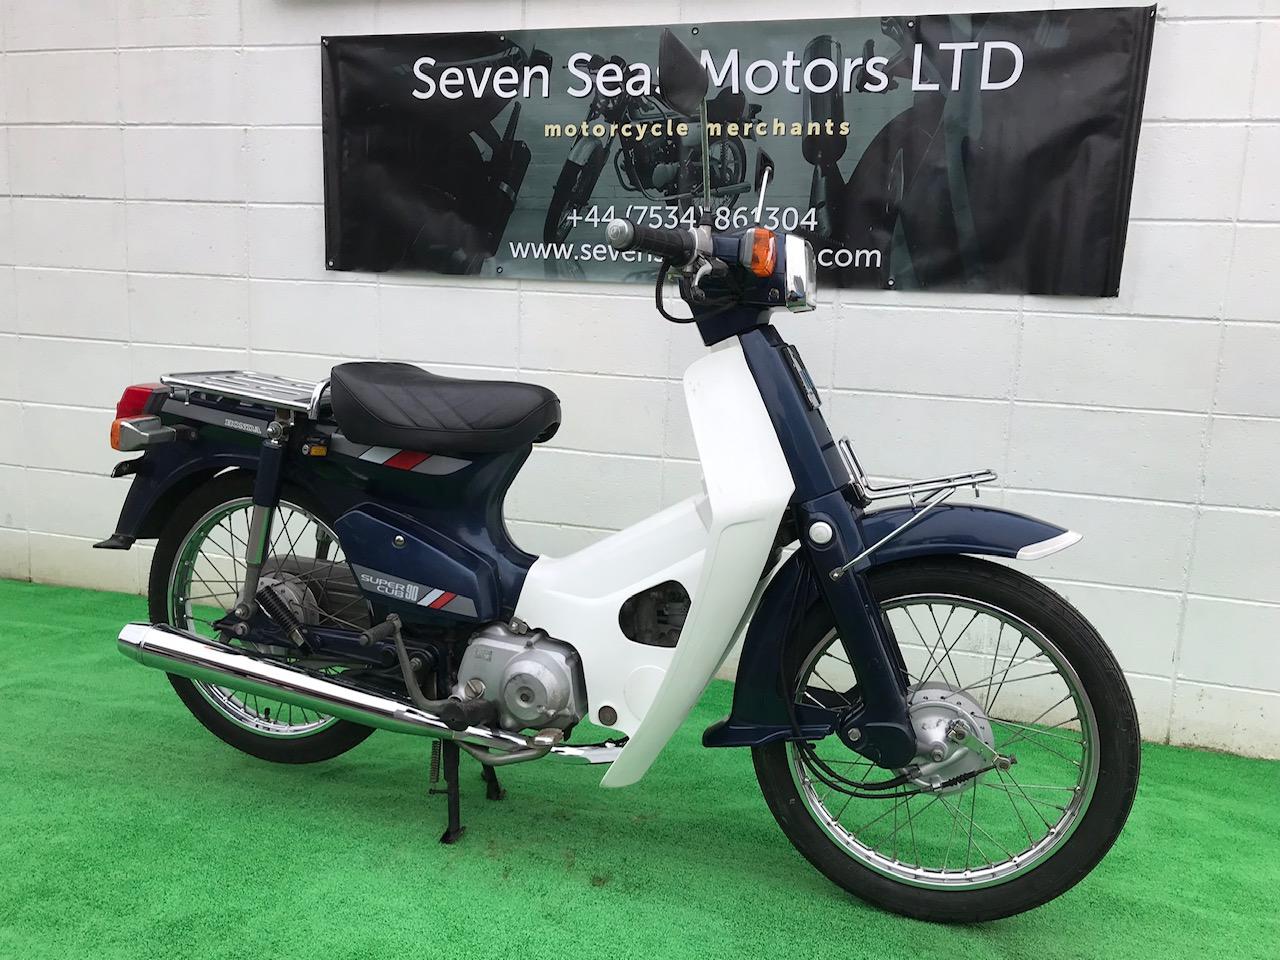 1986 Honda C90 ref 2396